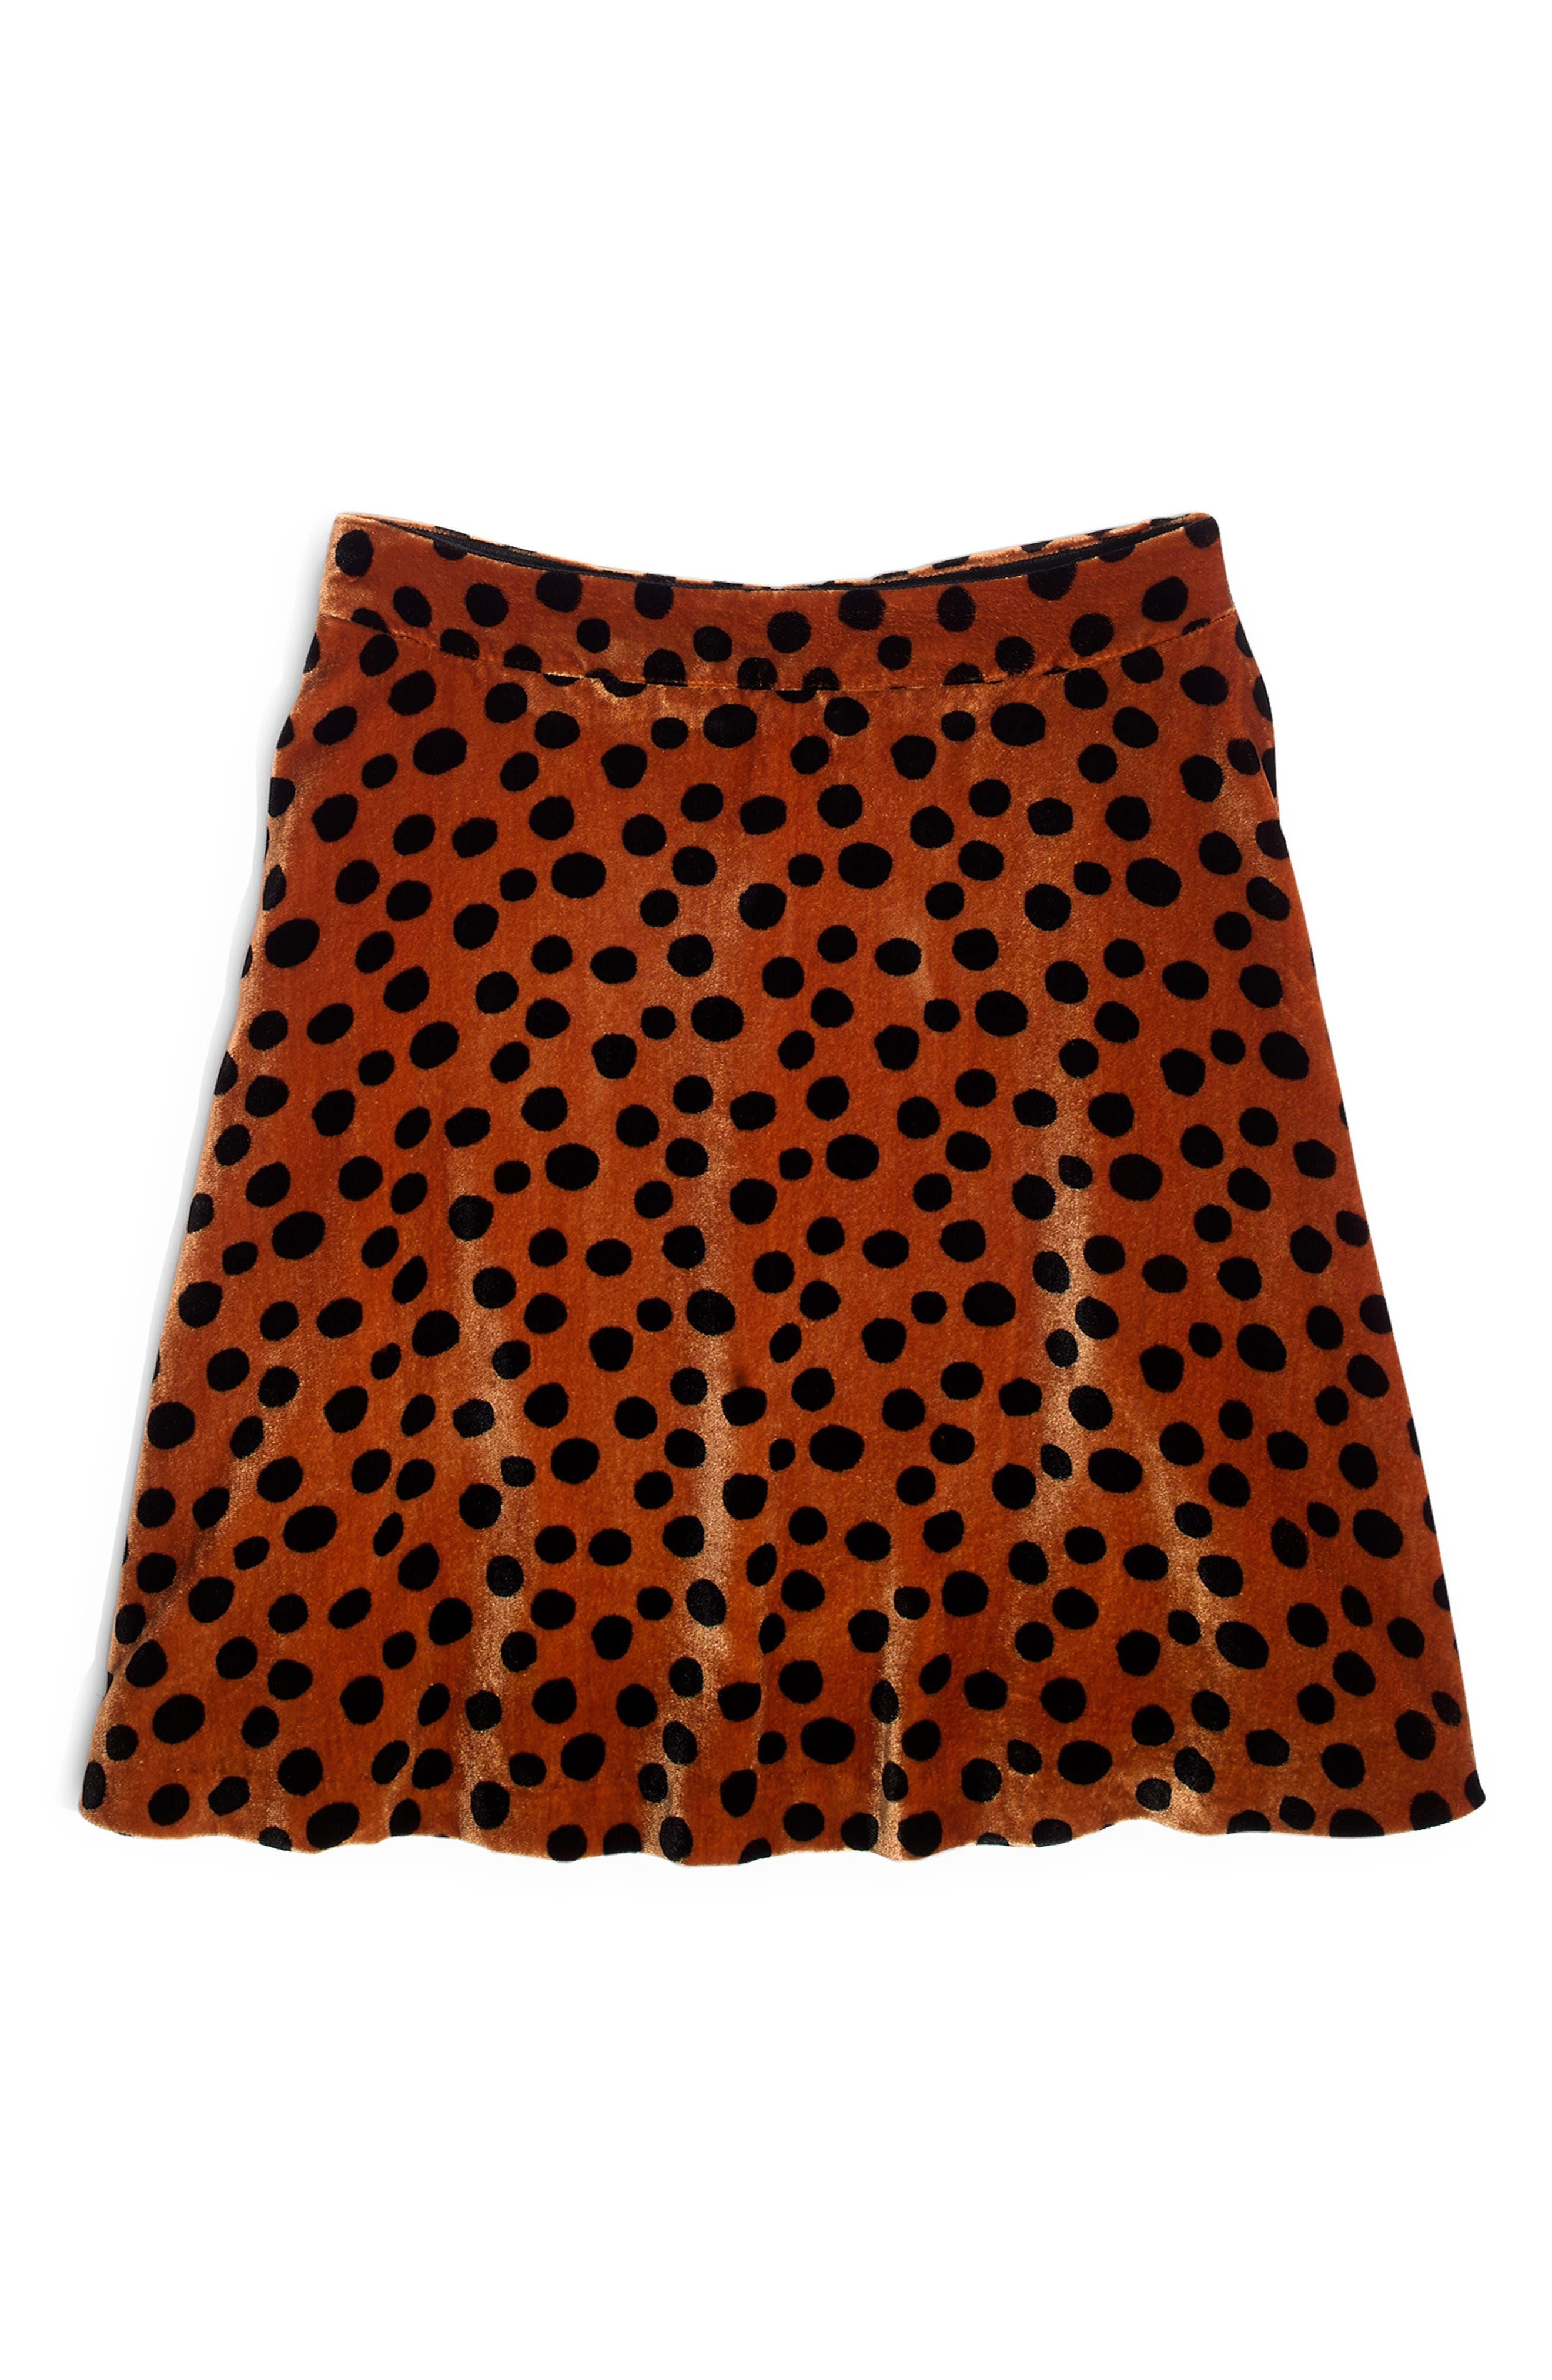 Velvet Circle Miniskirt,                             Alternate thumbnail 4, color,                             LEOPARD DOT BURNT SIENNA